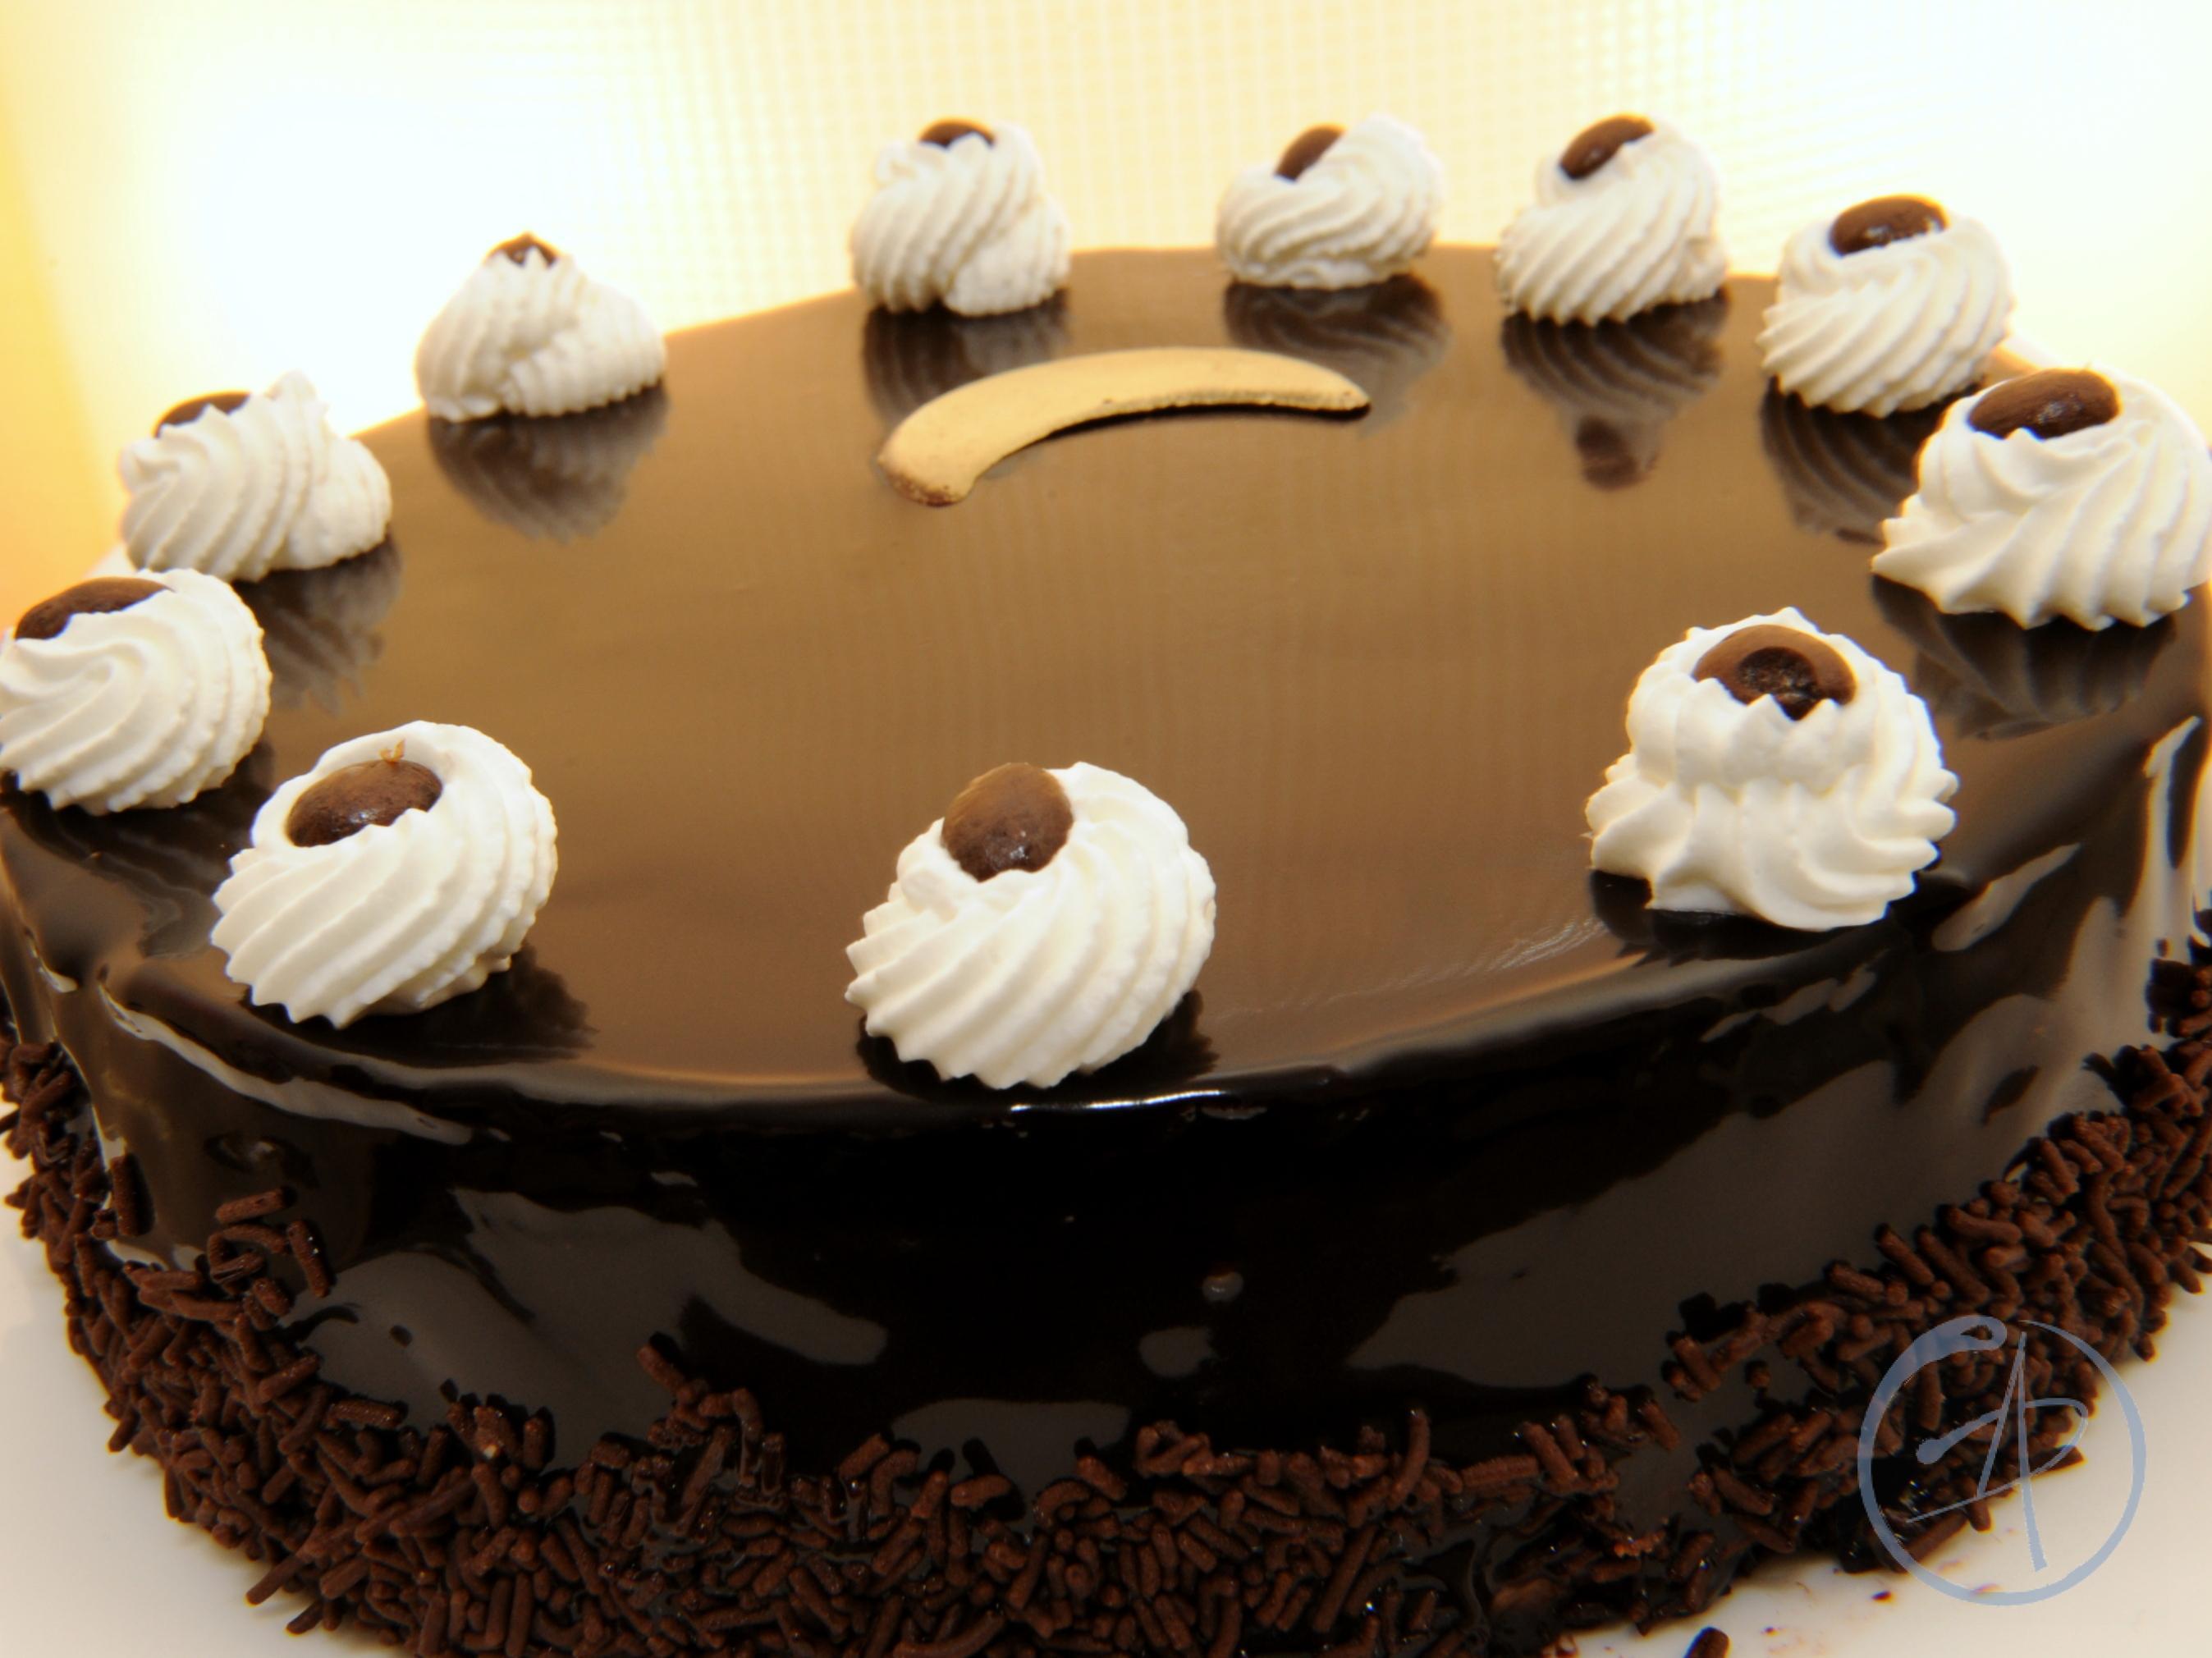 Dolci Da Credenza Alice Davide Malizia : Torta frangipane e cioccolato g. aresu * dolcealessandro